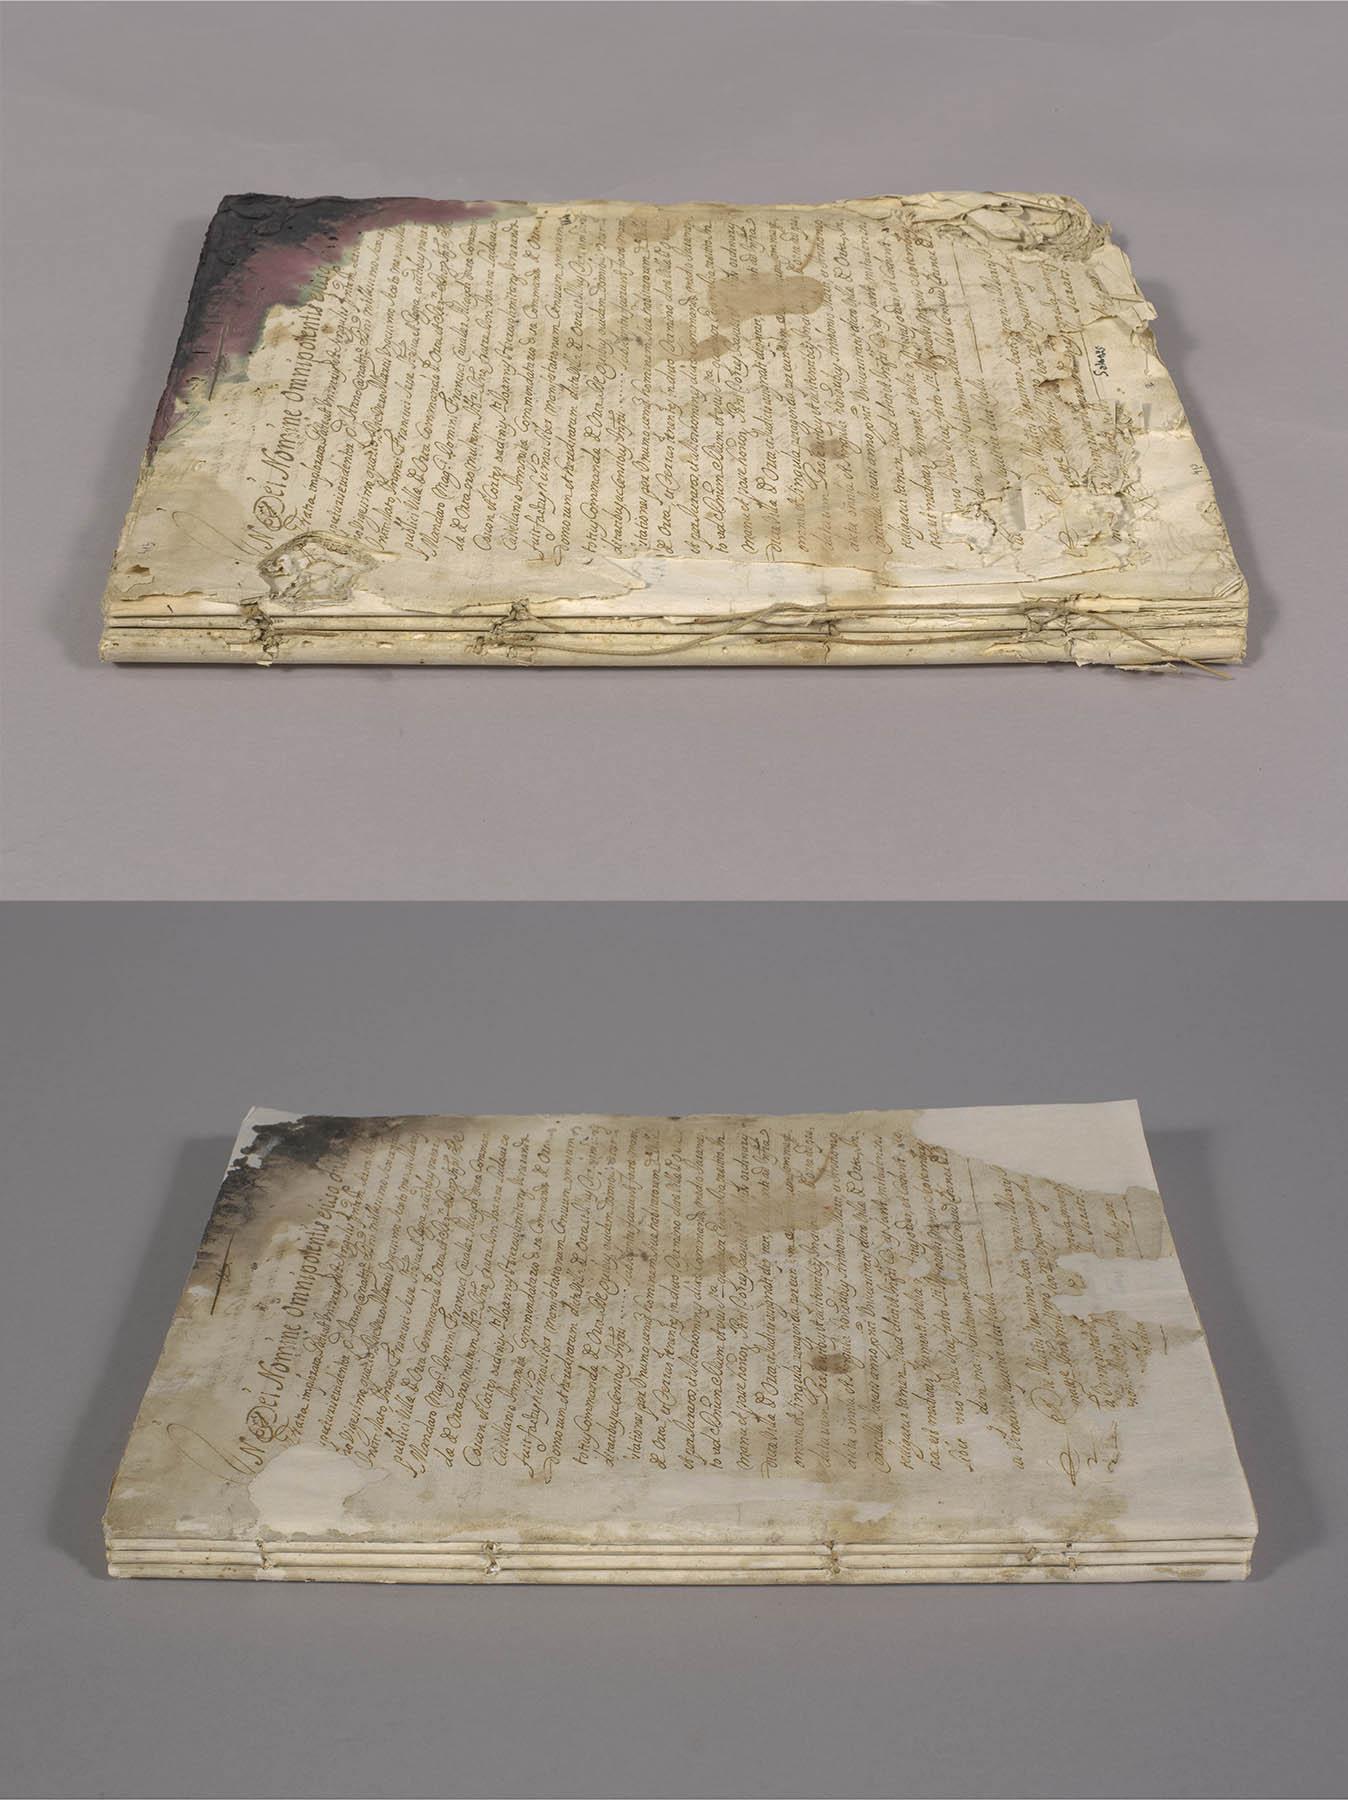 Imagen del libro becerro restaurado por la Generalitat, antes y después de los trabajos. Generalitat de Catalunya.